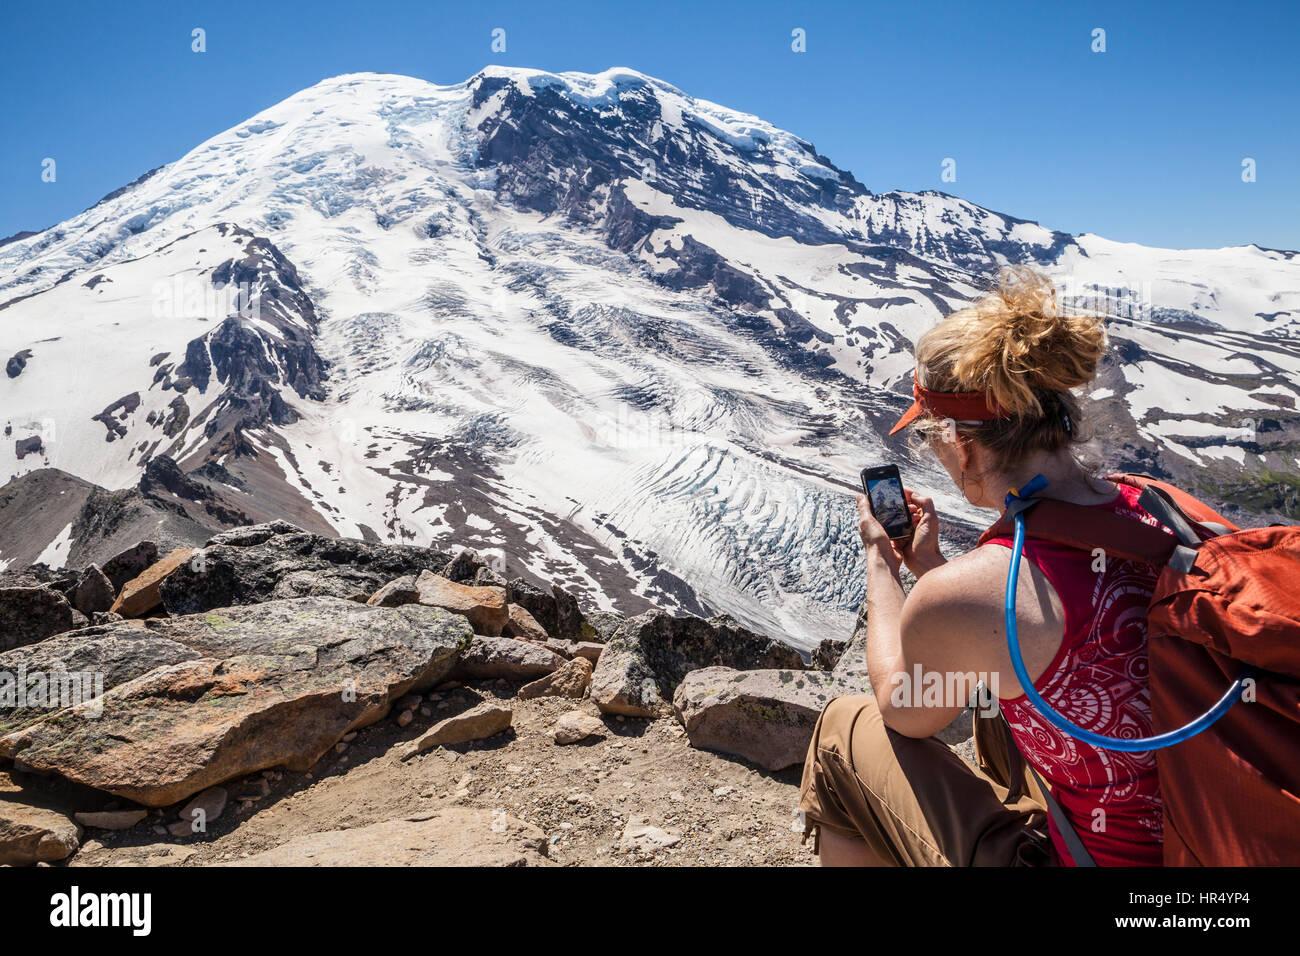 Una mujer en la cima de la montaña Burroughs tomar una fotografía con su teléfono celular, el Parque Nacional Monte Rainier, Washington, EE.UU. Foto de stock